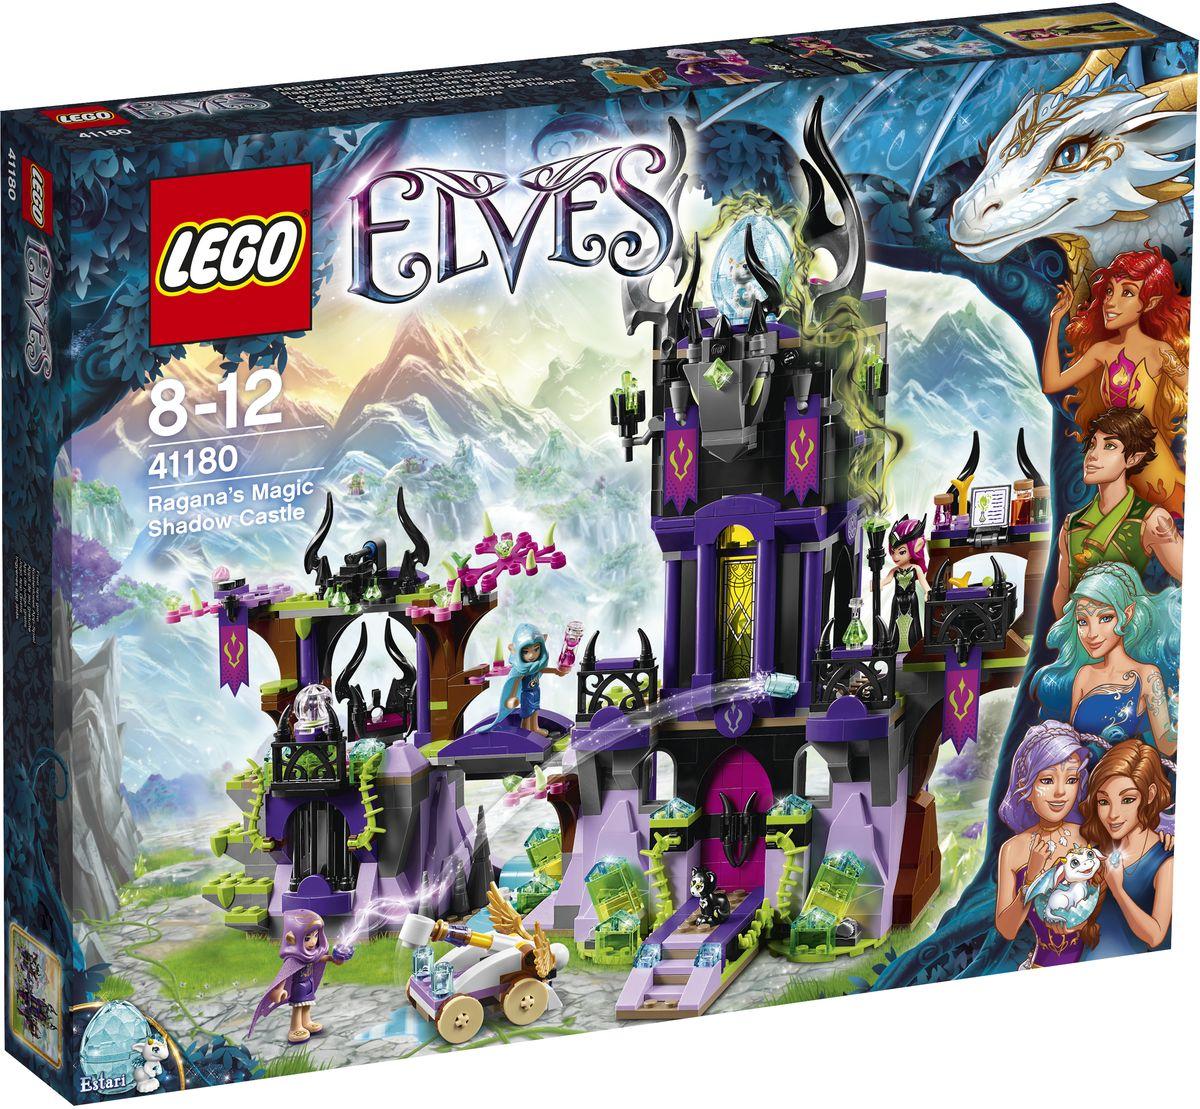 LEGO Elves Конструктор Замок теней Раганы 4118041180Присоединяйтесь к Наиде и Эйре в финальной битве с Раганой! Проберитесь в замок и найдите Рагану, которая варит зелья. Помогите Наиде и Эйре перехитрить ее, а затем запереть в подземелье замка. Изучите великолепный замок, но опасайтесь ловушек на своем пути. Спасите красивое и уникальное яйцо с принцессой драконов, прежде чем Рагана с ним сбежит! Набор включает в себя 1014 разноцветных пластиковых элементов. Конструктор - это один из самых увлекательных и веселых способов времяпрепровождения. Ребенок сможет часами играть с конструктором, придумывая различные ситуации и истории.